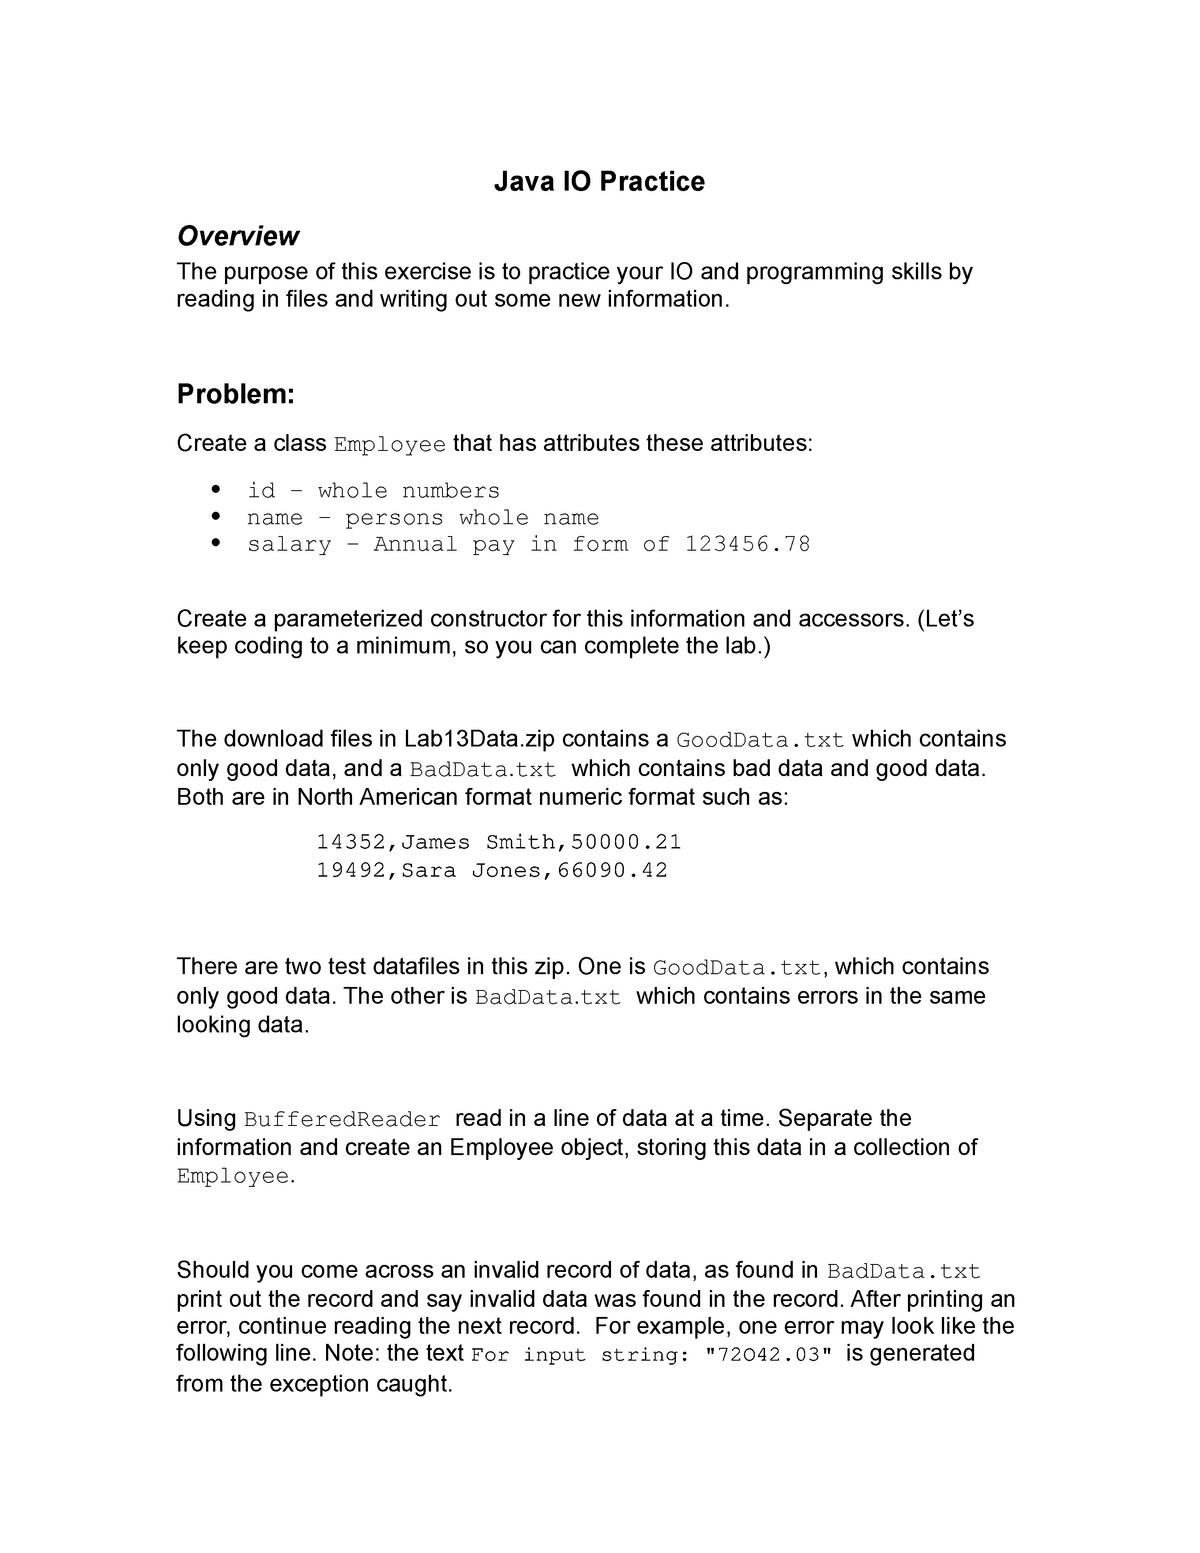 Java IO Practice - 0304 342: Prob Solving With Comp - StuDocu